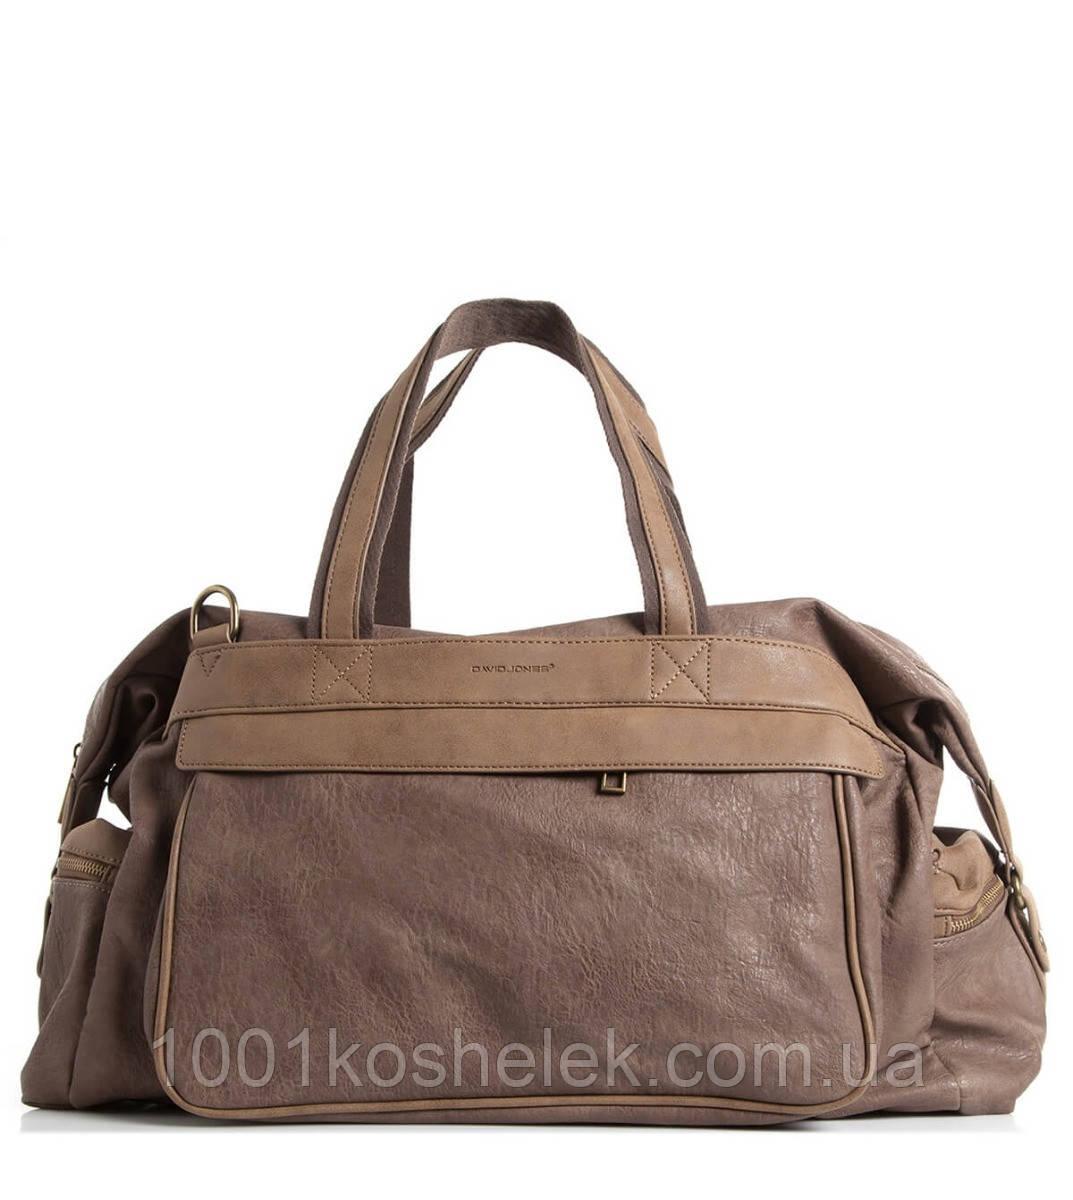 Дорожная сумка David Jones CM0798A (Тауп)